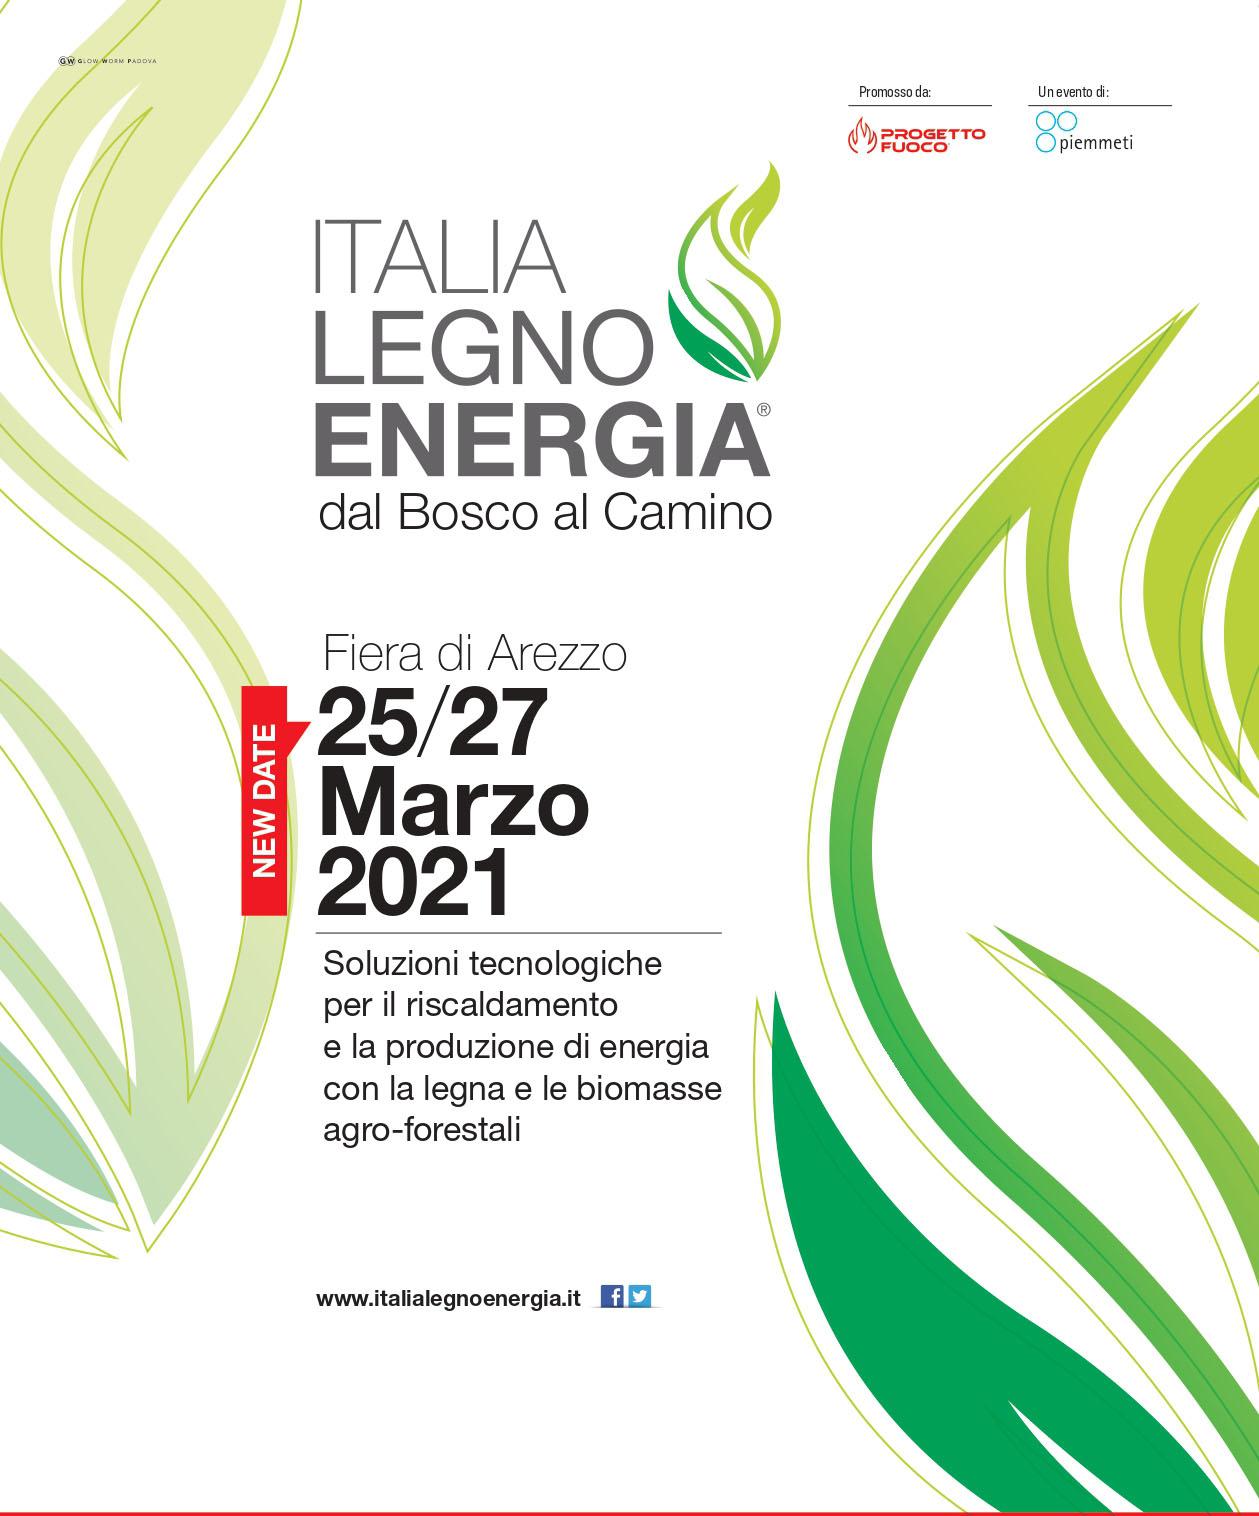 Locandina ILE dell'edizione 2021 Italia Legno Energia